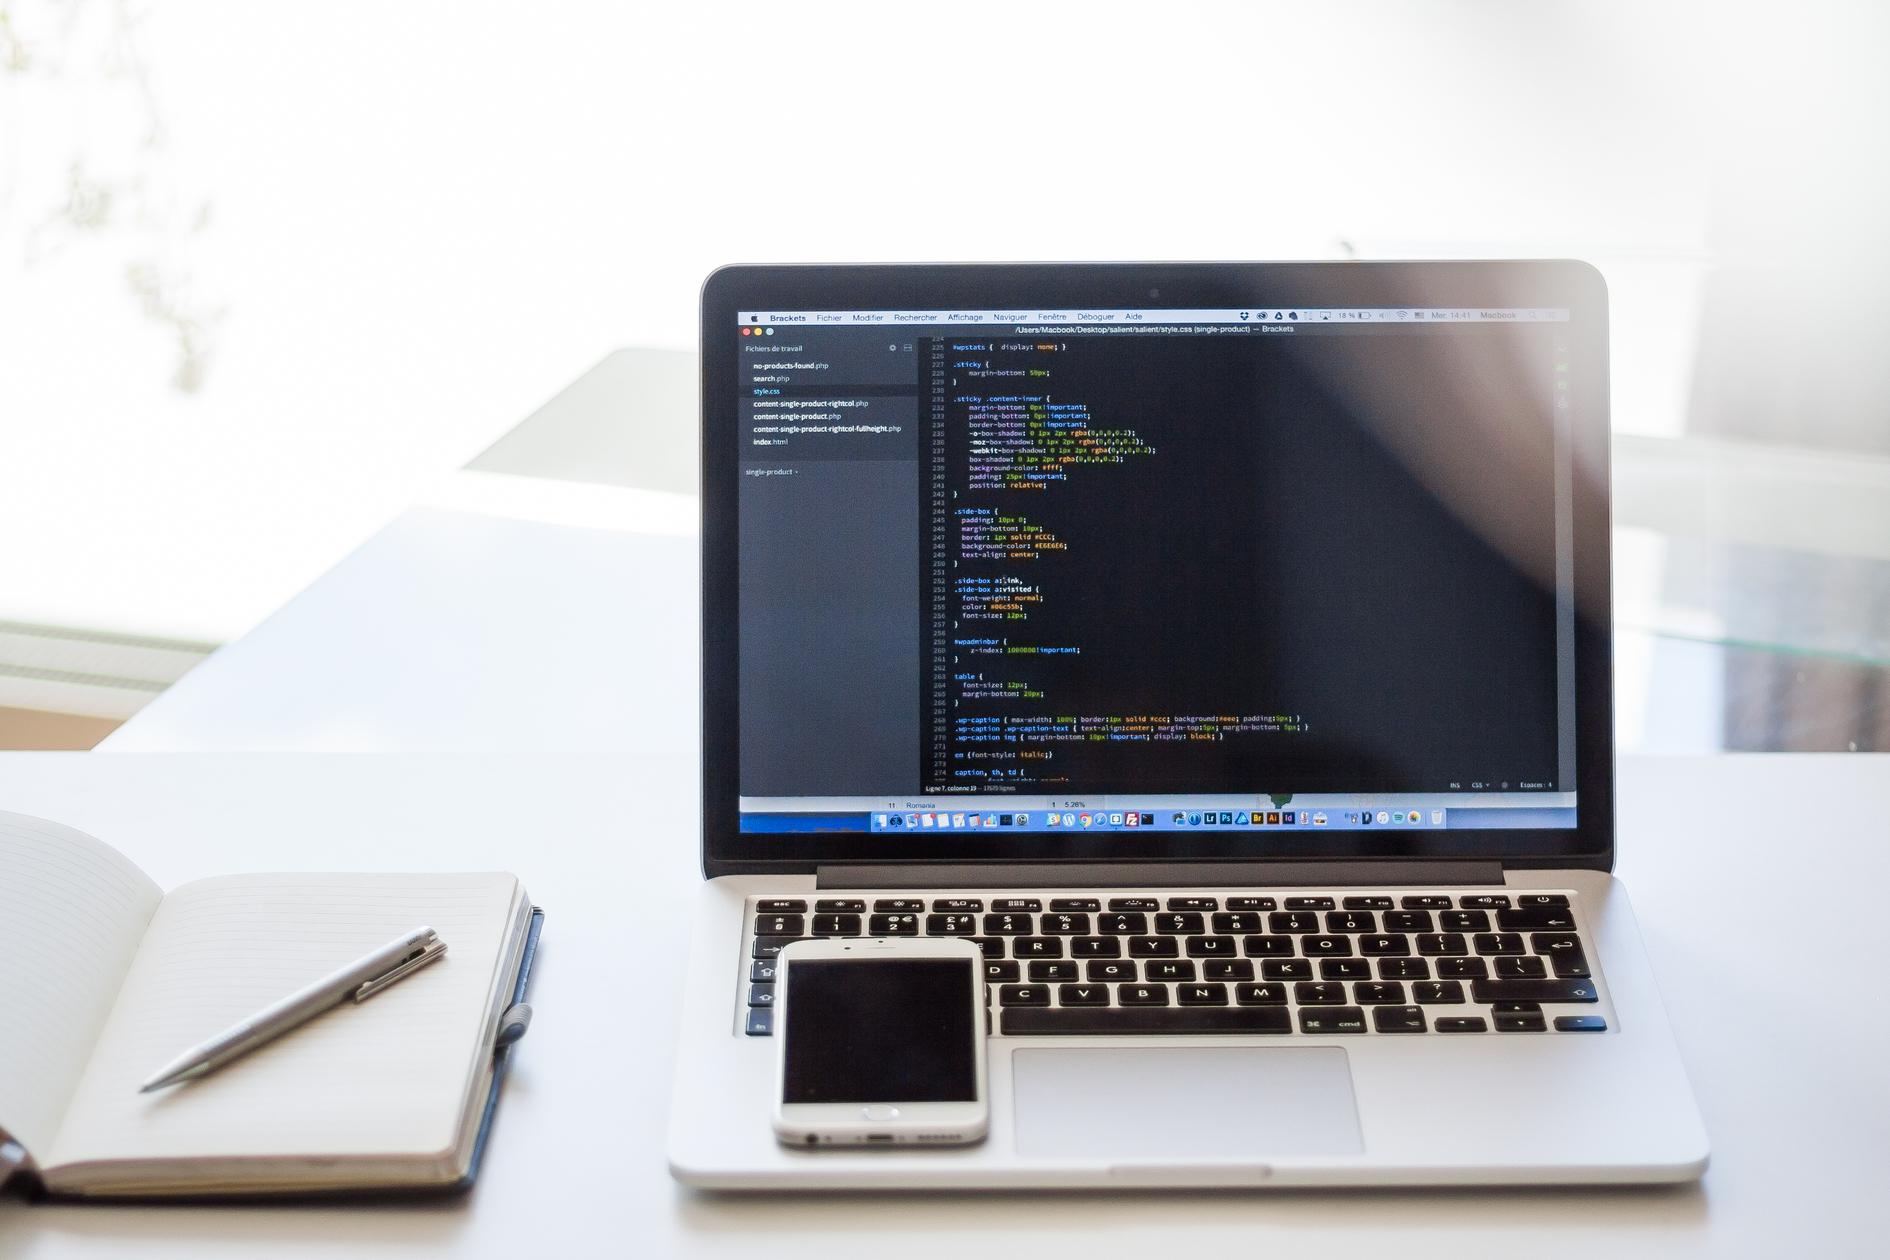 プログラミングとは?プログラミングの概要から学習方法までわかりやすくまとめてみた